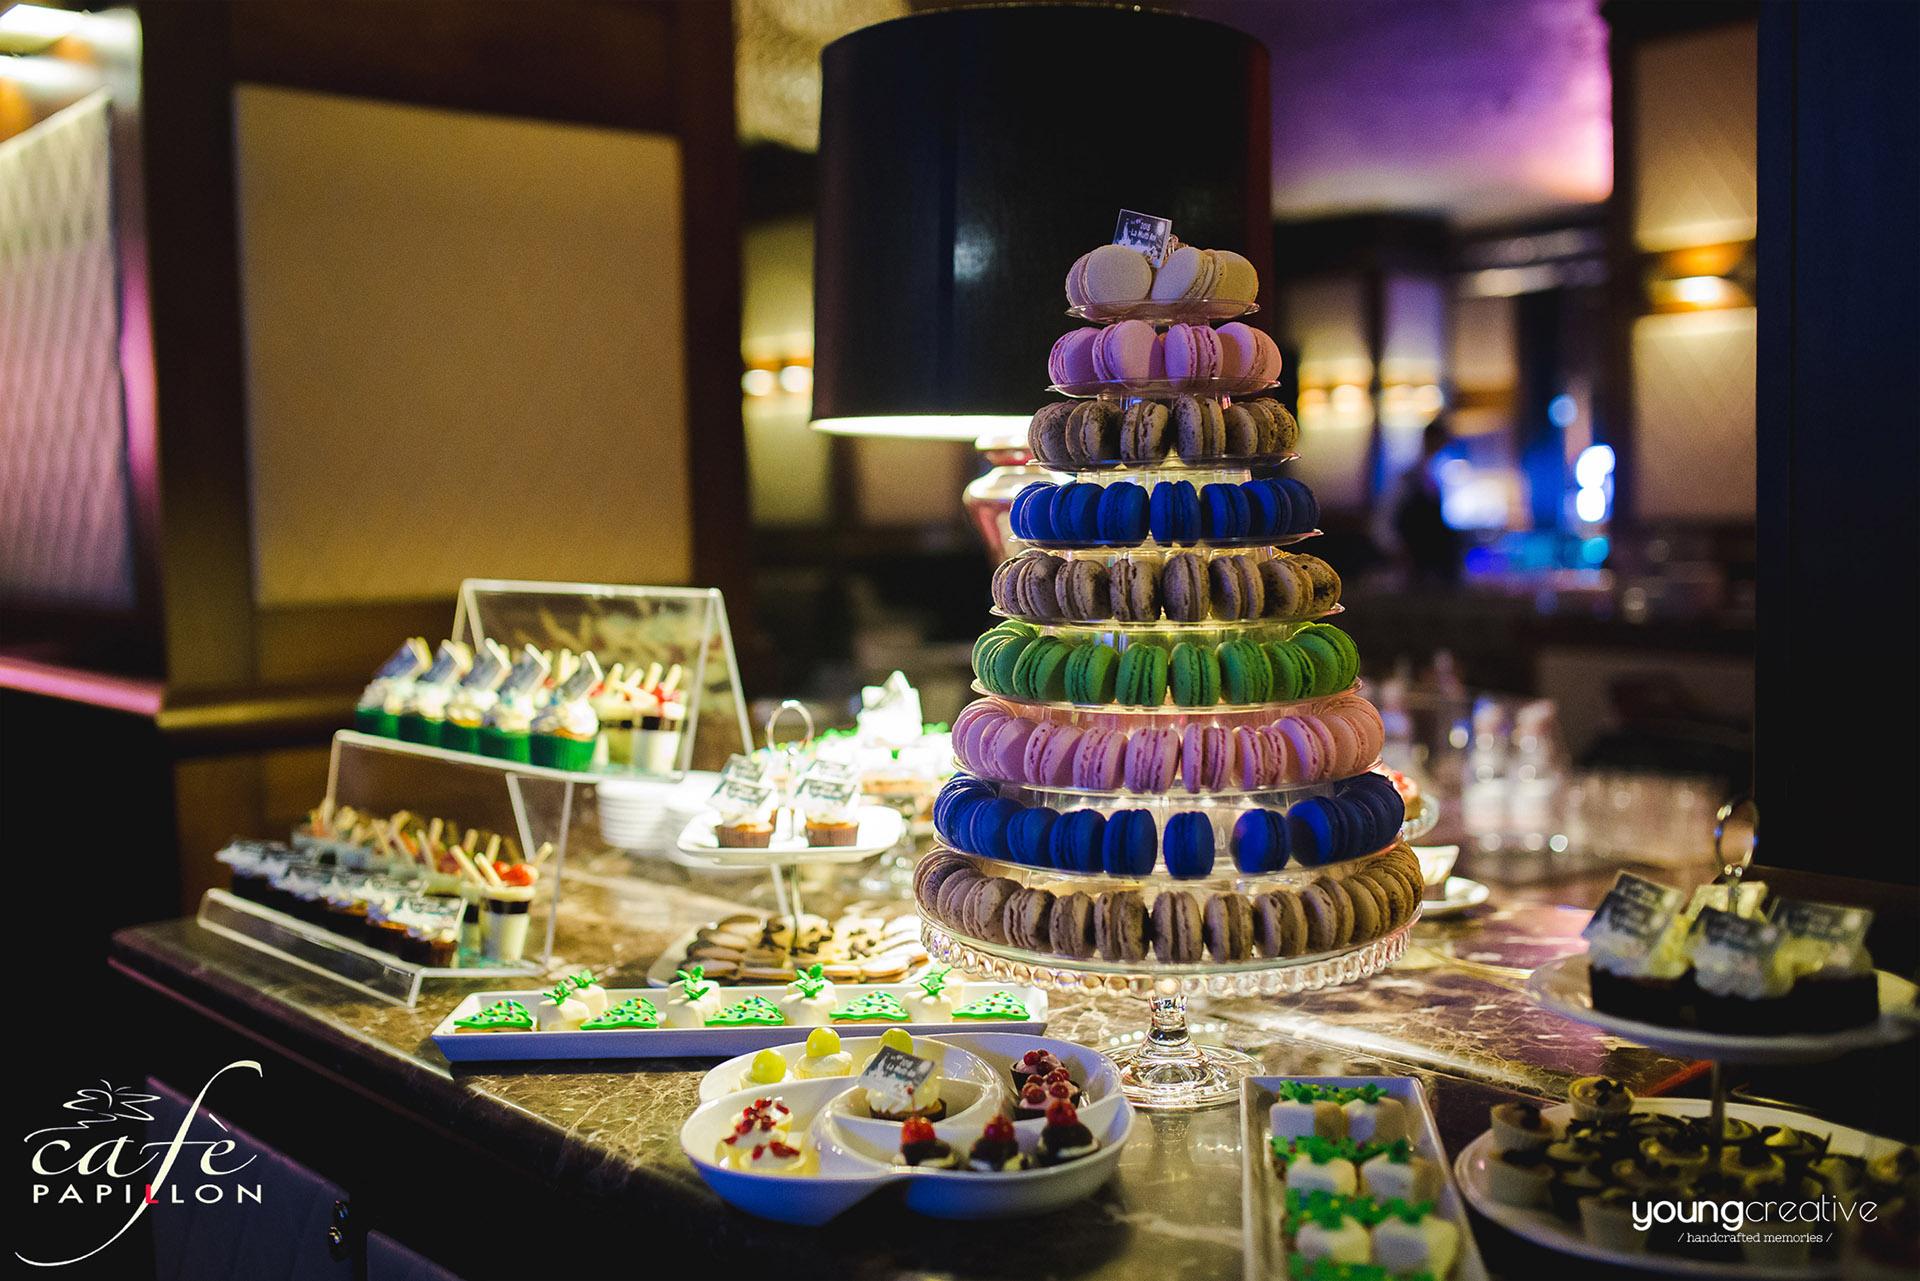 Revelion @ Cafe Papillon / Filipciuc Dan / fotograf de eveniment Iasi / youngcreative.info